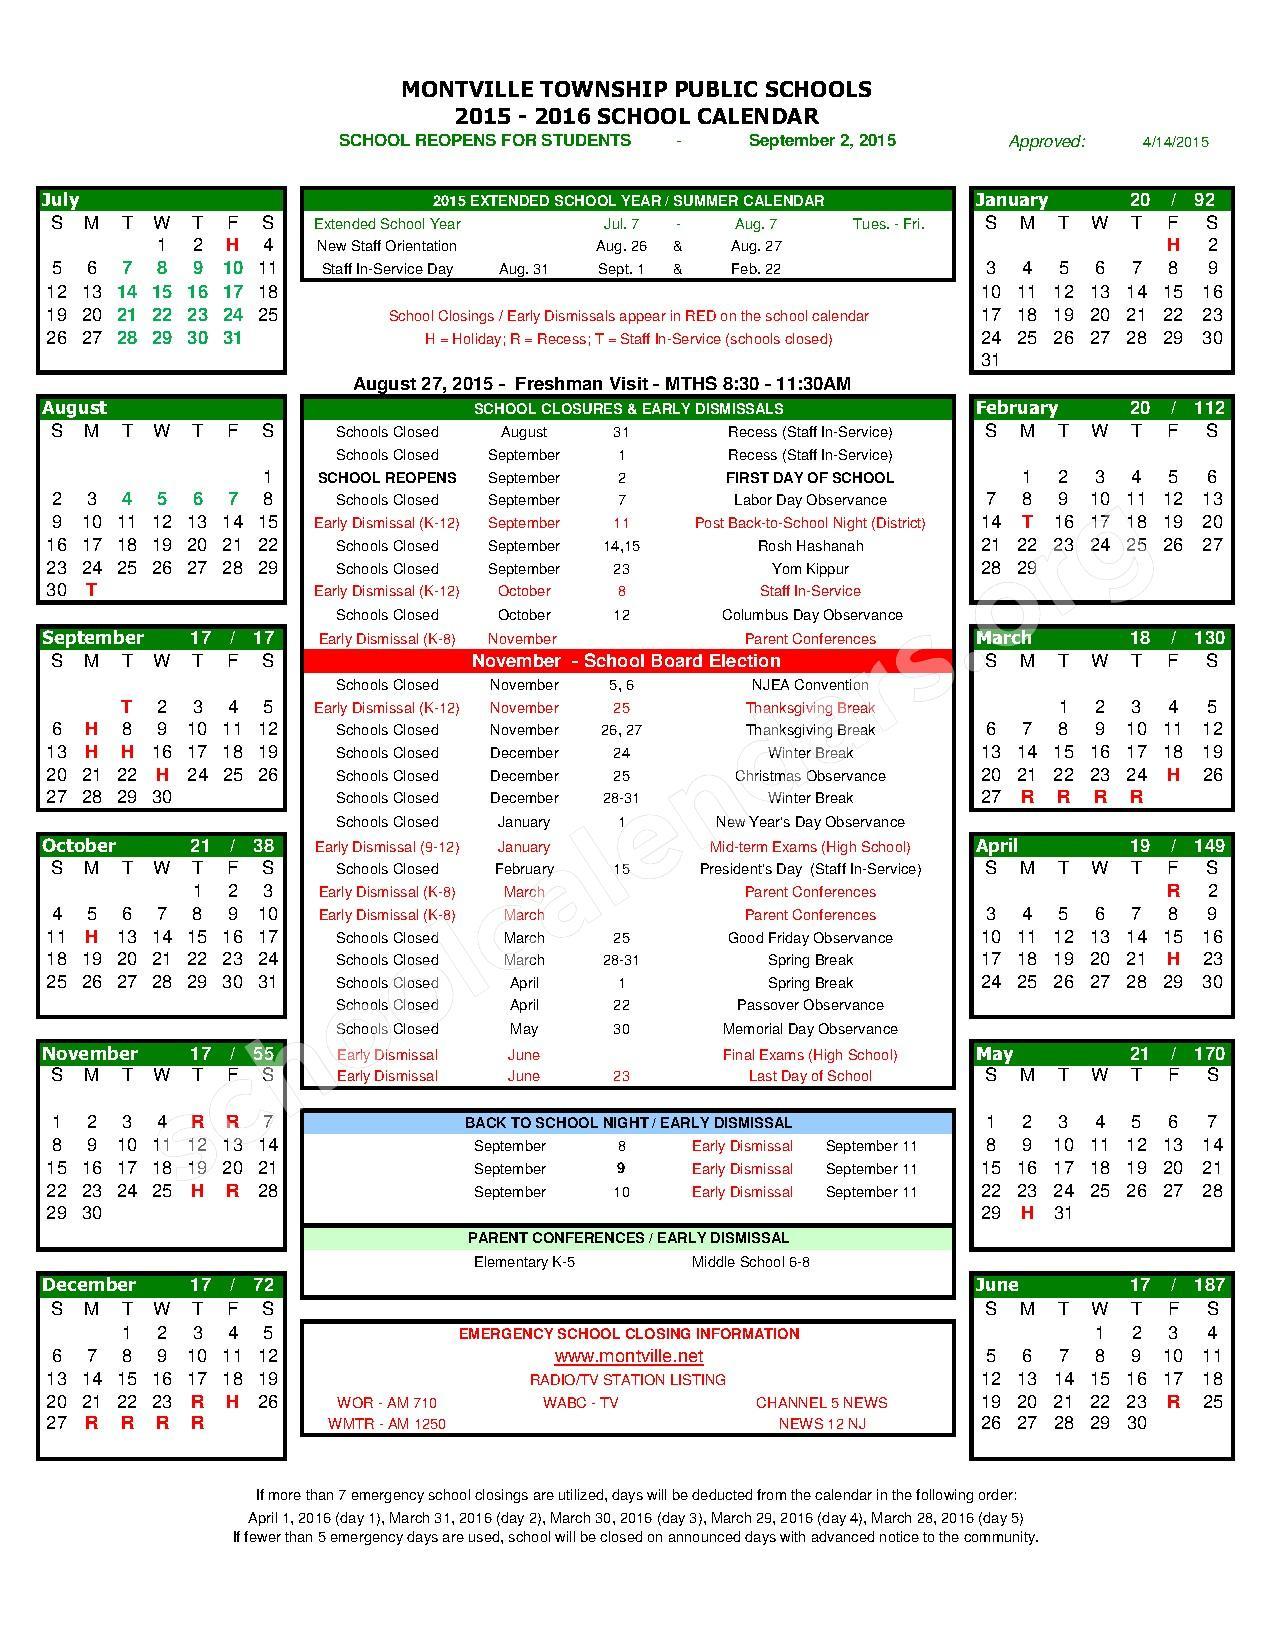 2015 - 2016 Calendar - Short Version – Montville Township School District – page 1